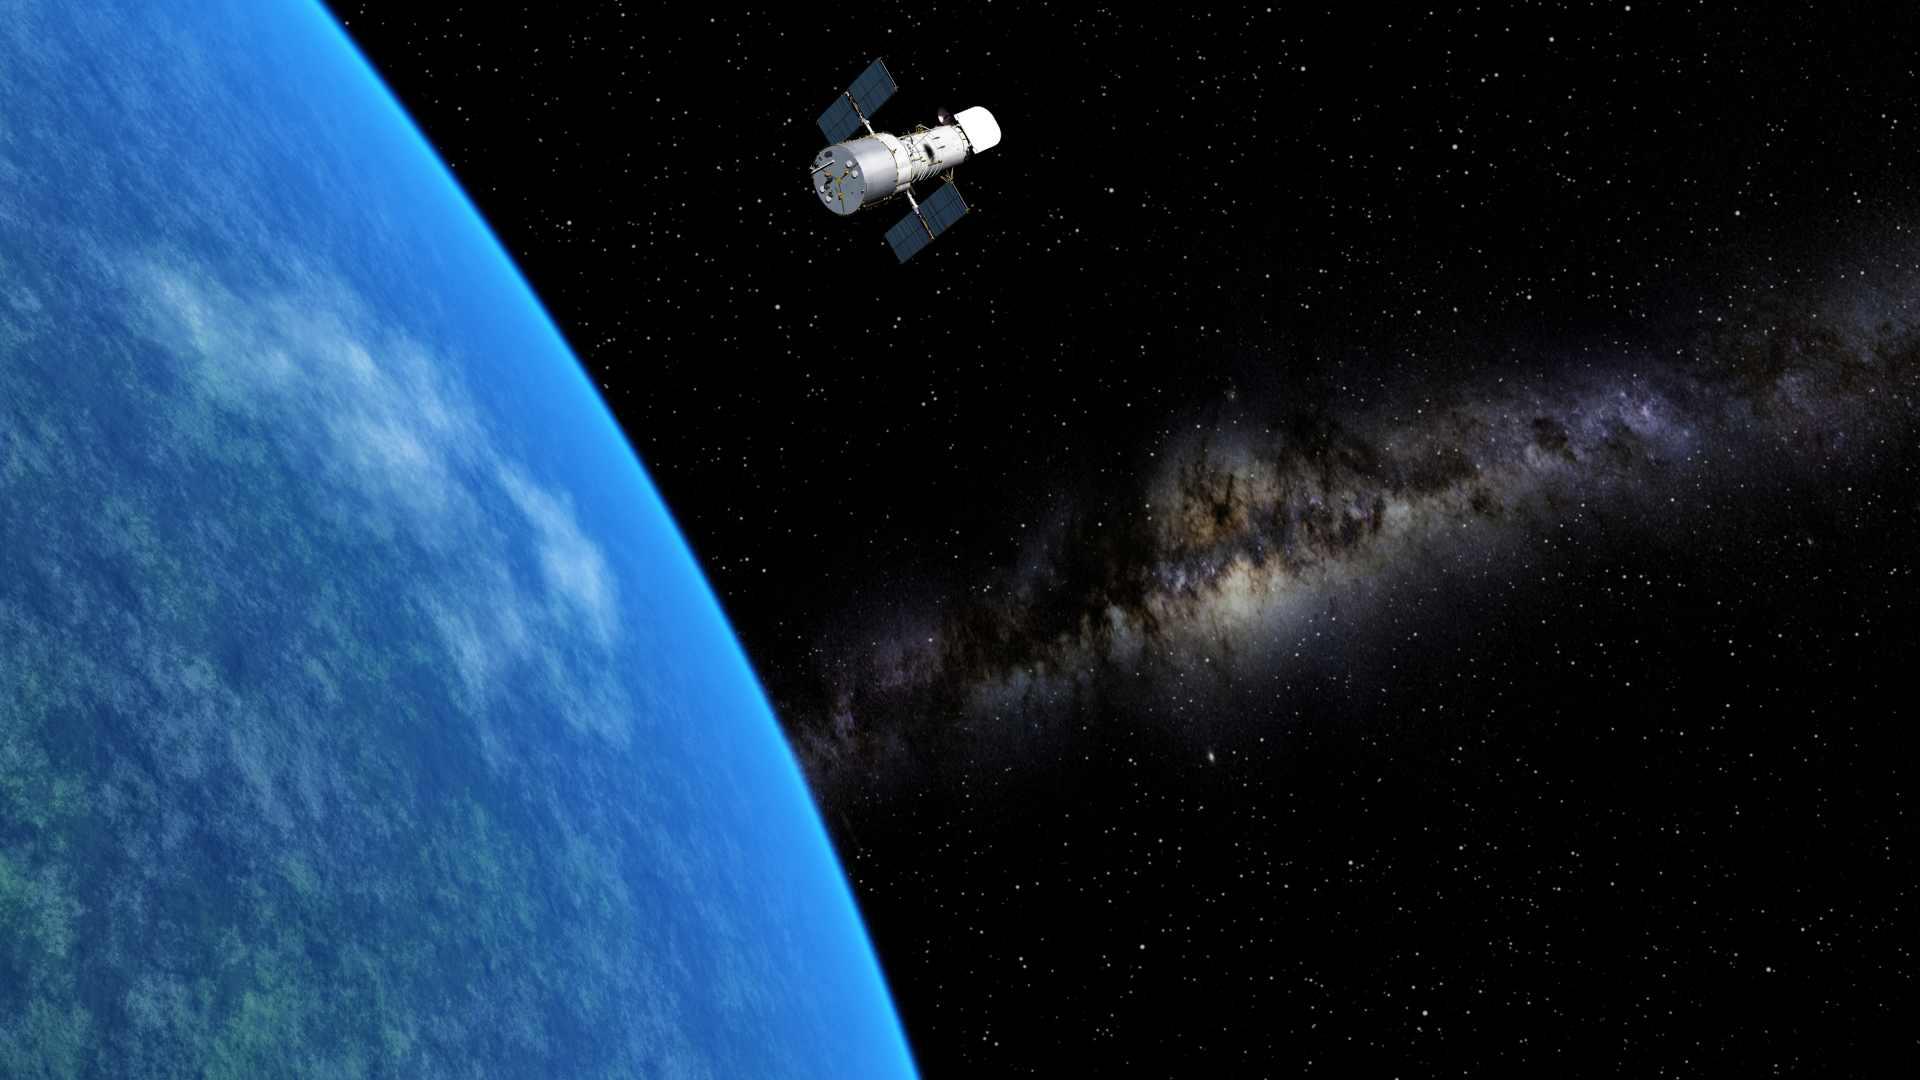 Das Hubble-Teleskop findet mehr als 20 schwarze Löcher